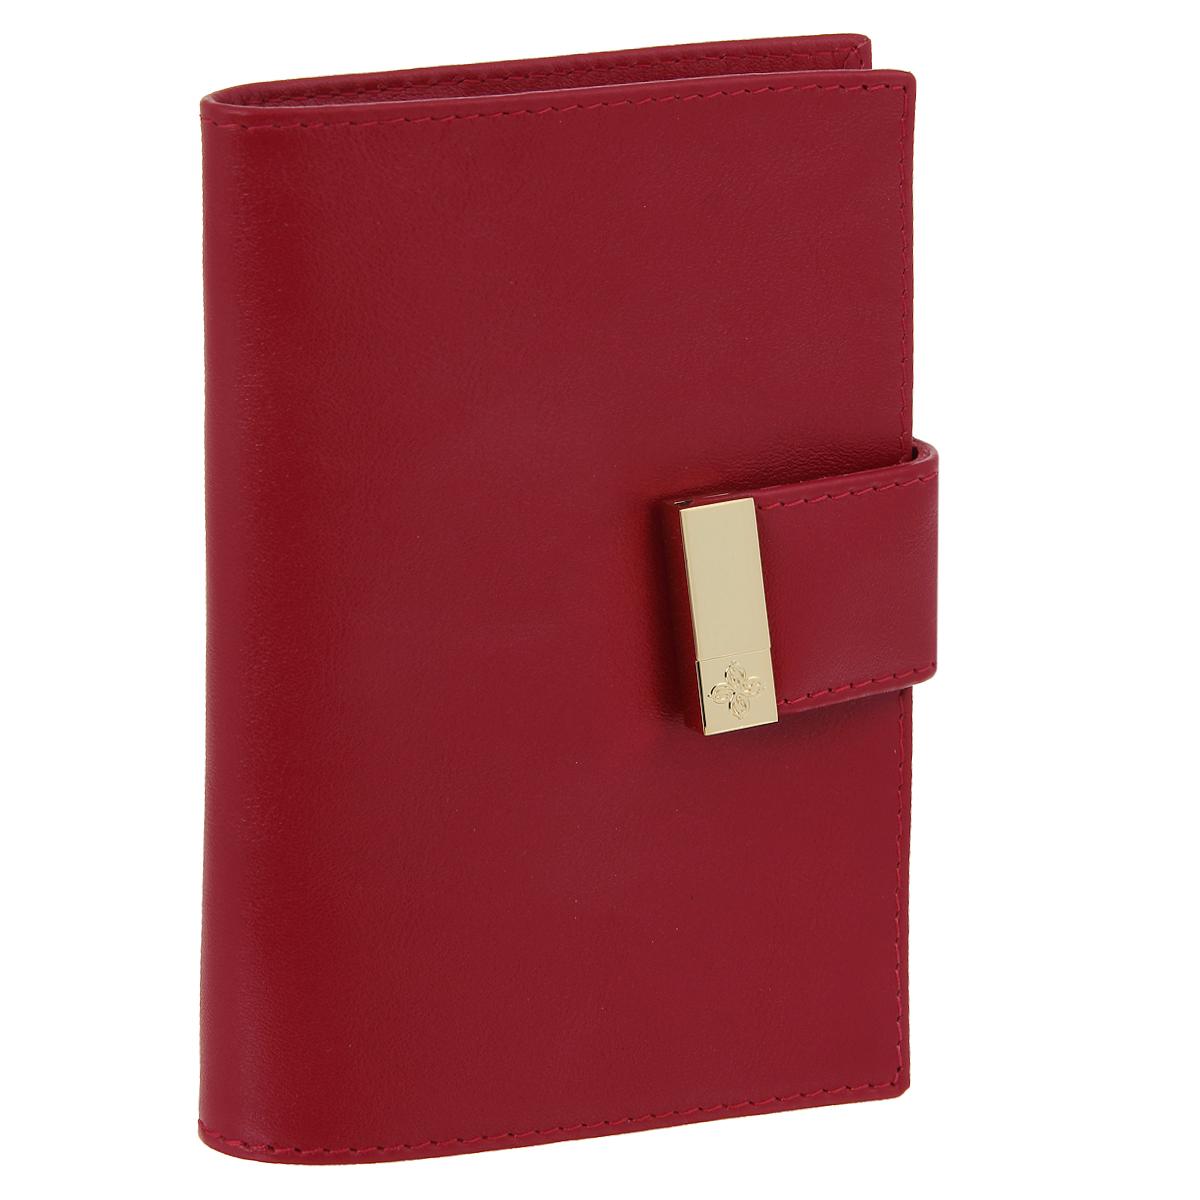 Обложка для паспорта Dimanche Elite, цвет: красный. 040040Обложка для паспорта Dimanche Elite выполнена из натуральной высококачественной матовой кожи и закрывается хлястиком на застежку-кнопку. На внутреннем развороте два кармана из прозрачного пластика. Обложка упакована в фирменную картонную коробку. Такая обложка станет отличным подарком для человека, ценящего качественные и стильные вещи.